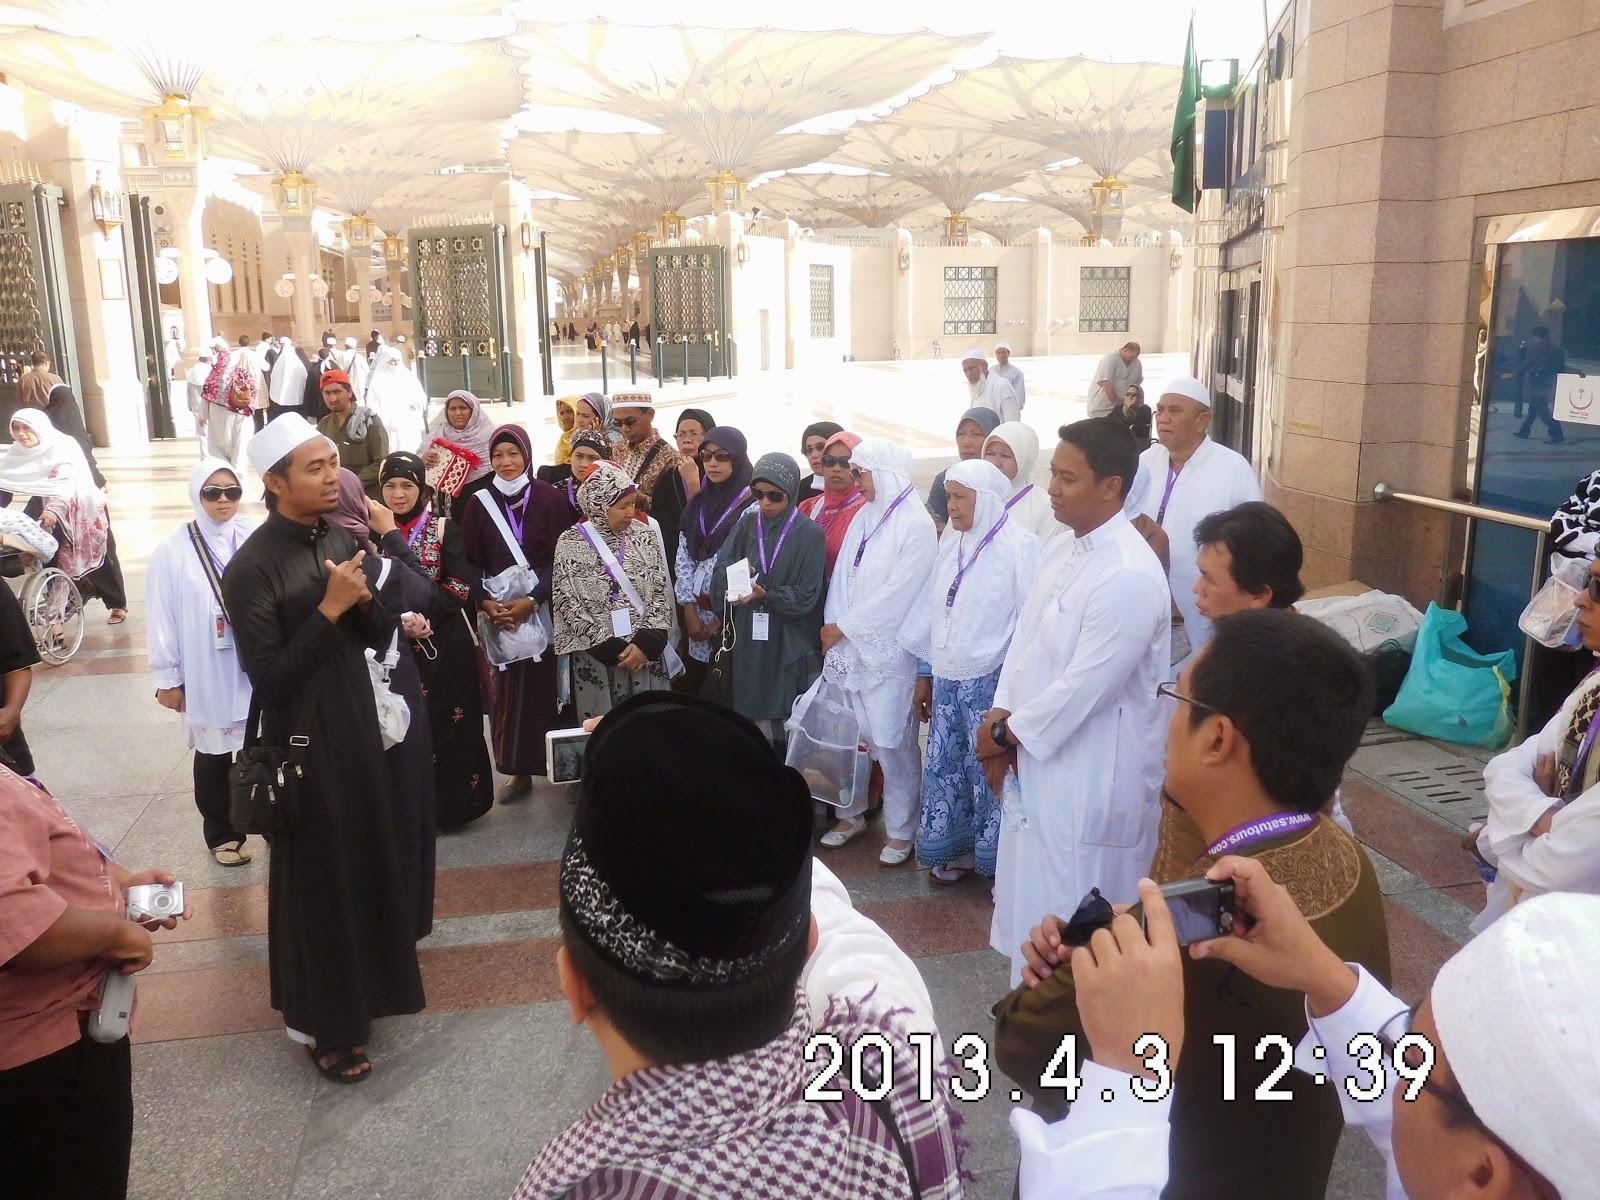 Informasi Umroh Plus Turki Mesir Bagus, Terbaik dan Terpercaya